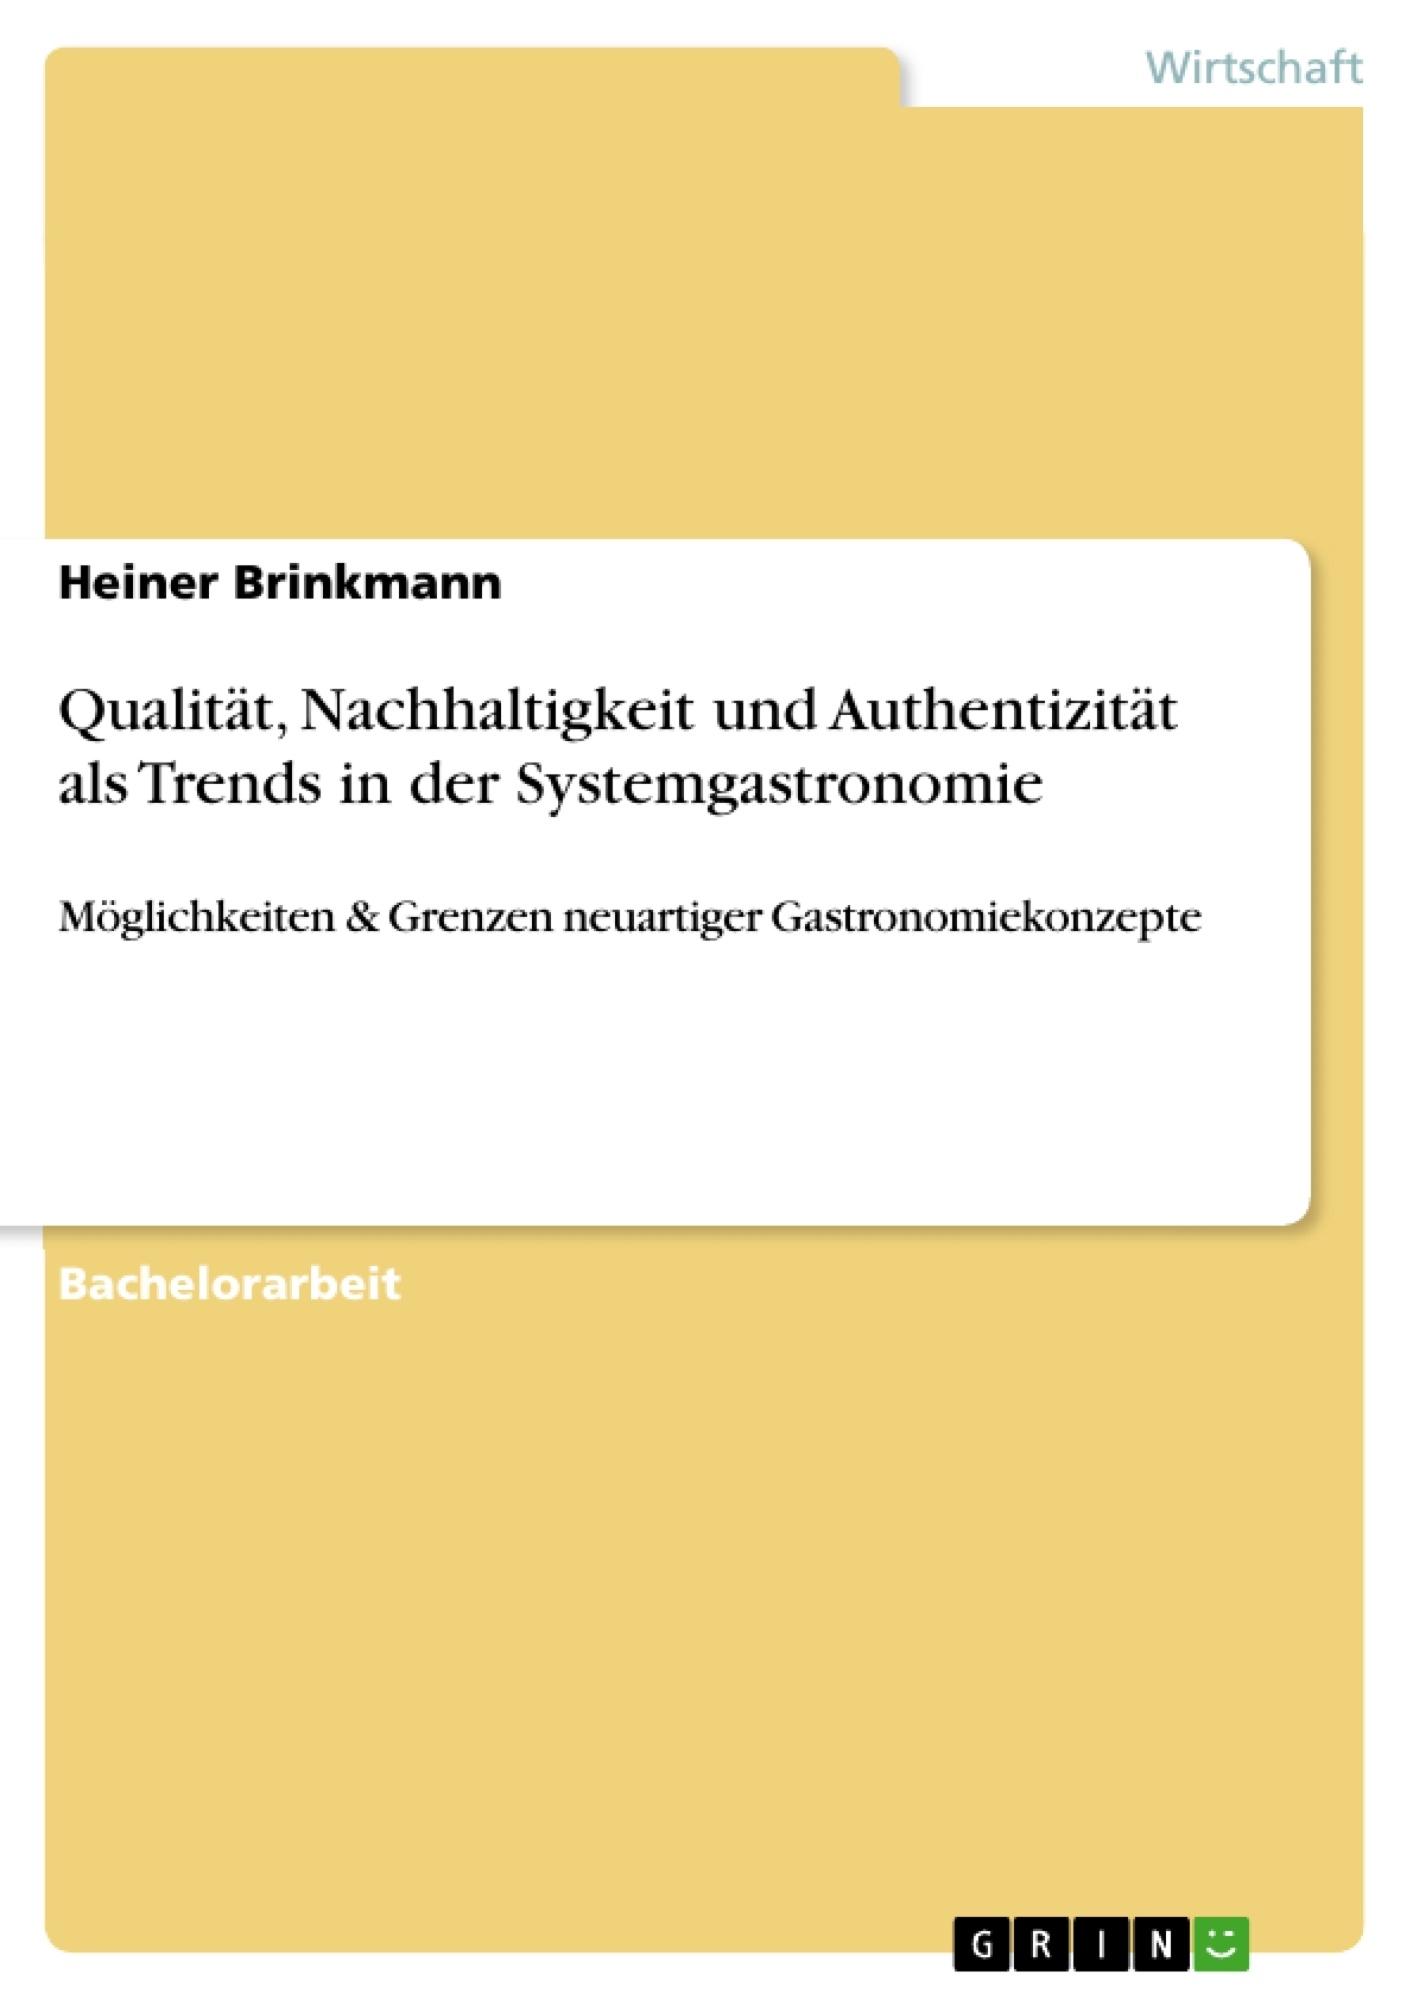 Titel: Qualität, Nachhaltigkeit und Authentizität als Trends in der Systemgastronomie